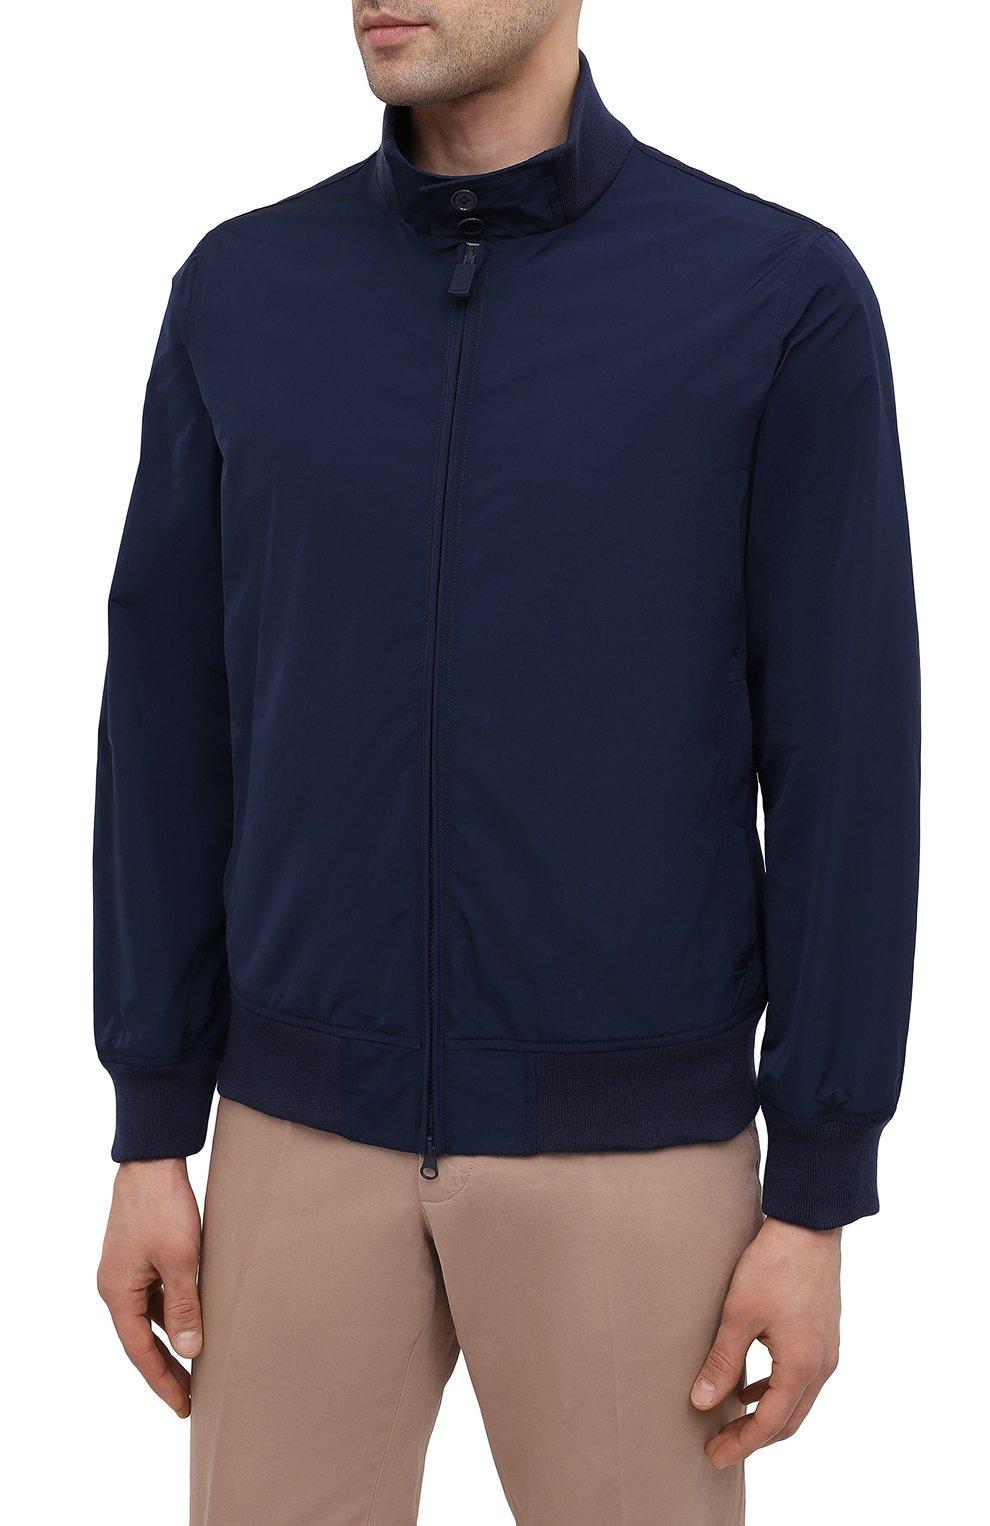 Мужской бомбер ASPESI темно-синего цвета, арт. S1 I I918 G703 | Фото 3 (Кросс-КТ: Куртка; Рукава: Длинные; Принт: Без принта; Материал внешний: Синтетический материал; Материал подклада: Синтетический материал; Длина (верхняя одежда): Короткие; Стили: Кэжуэл)